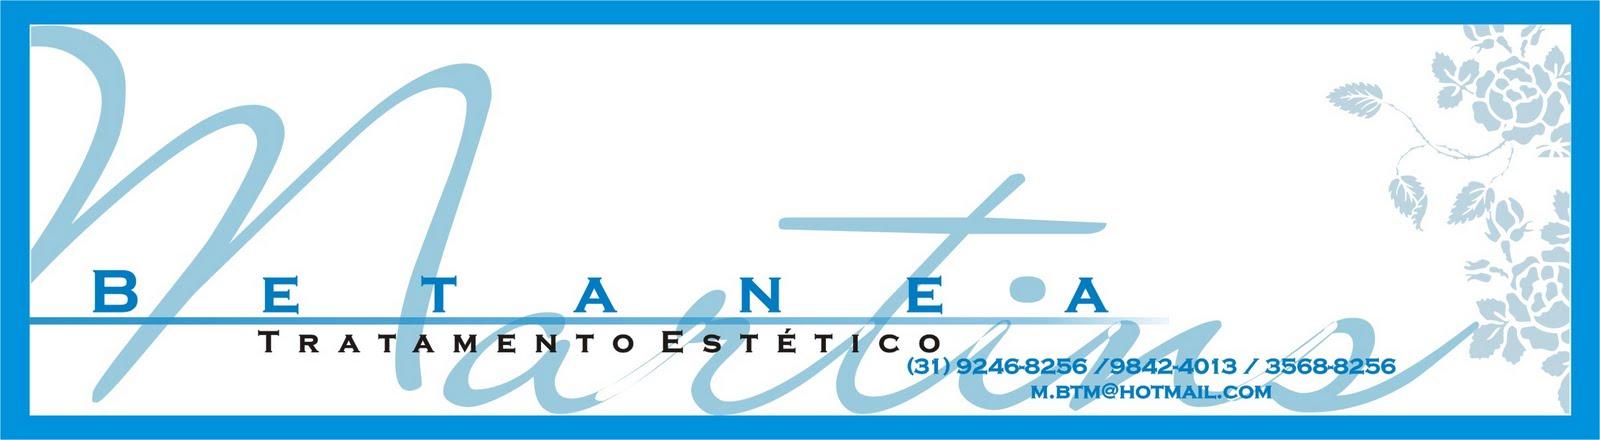 Clinica Estética Betanea Martins